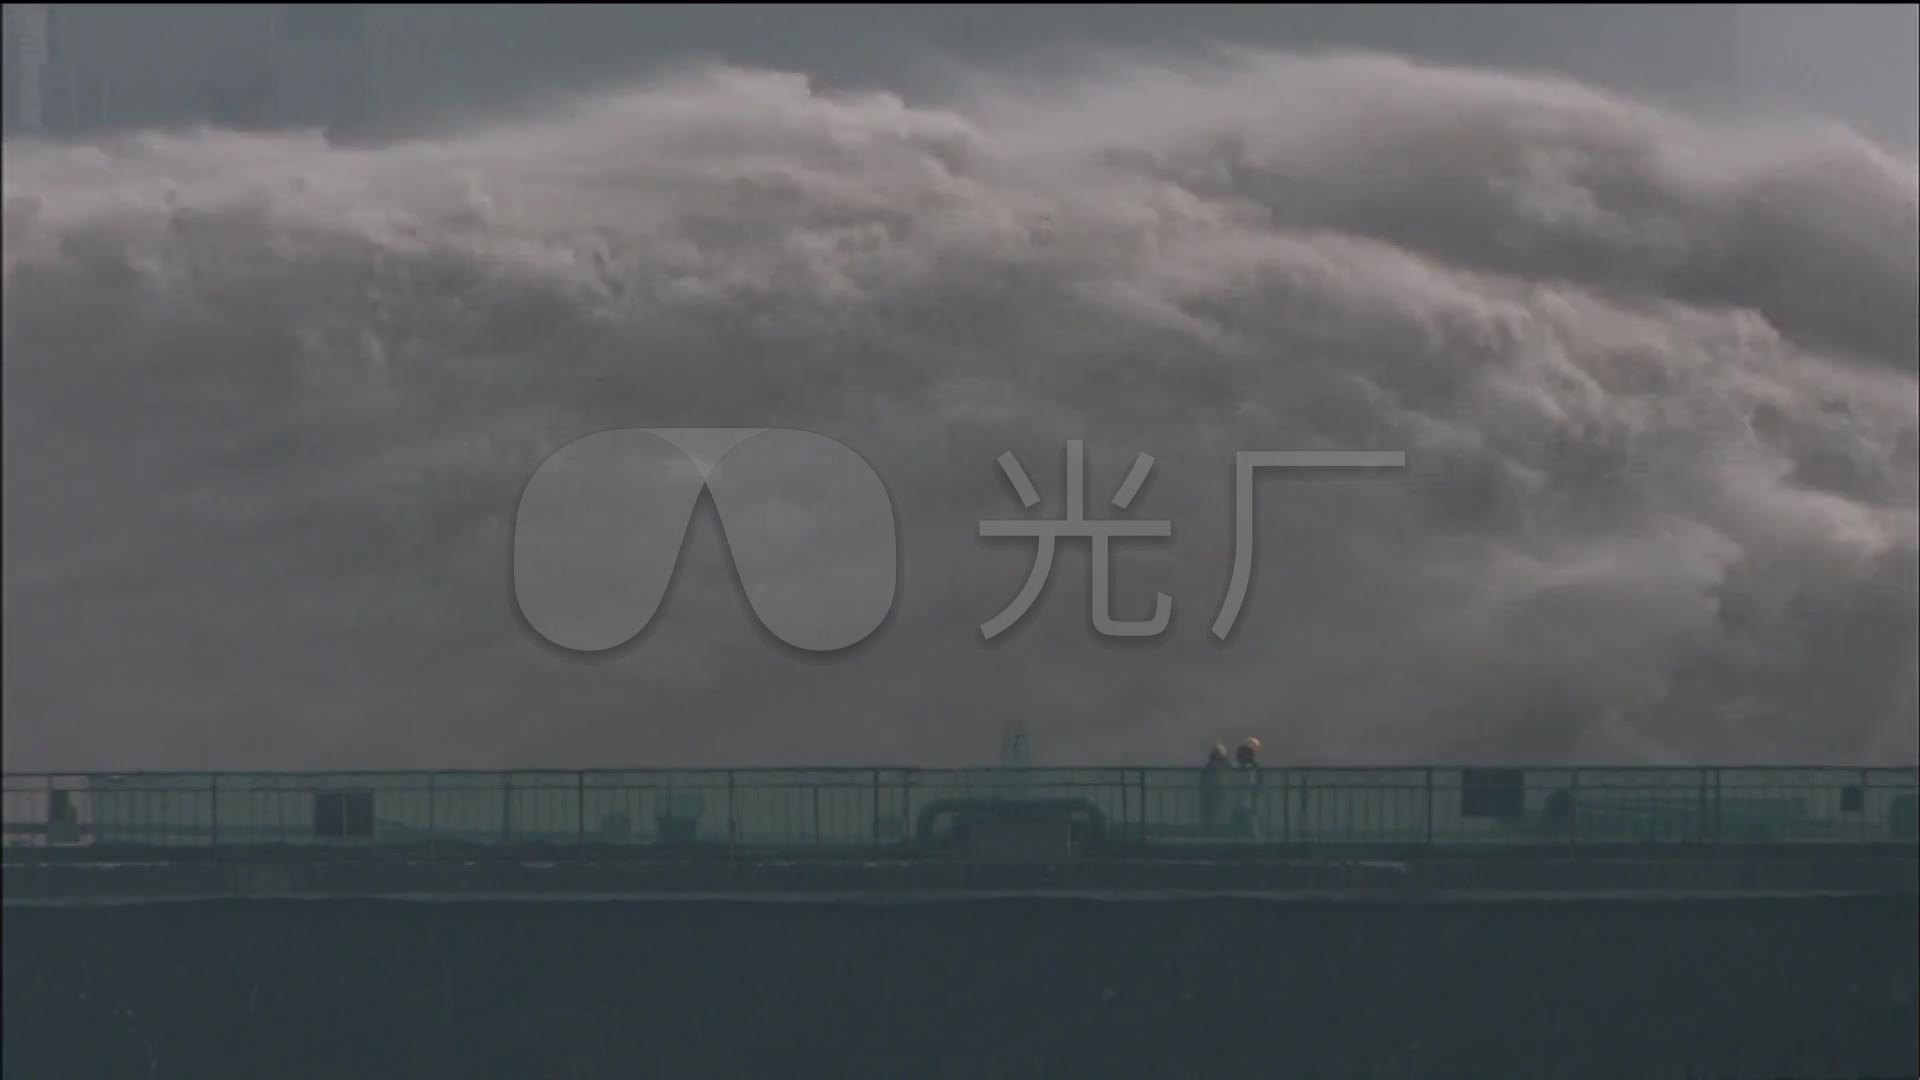 长江三峡大坝泄洪水利工程发电站建设_1920X视频骆斌图片